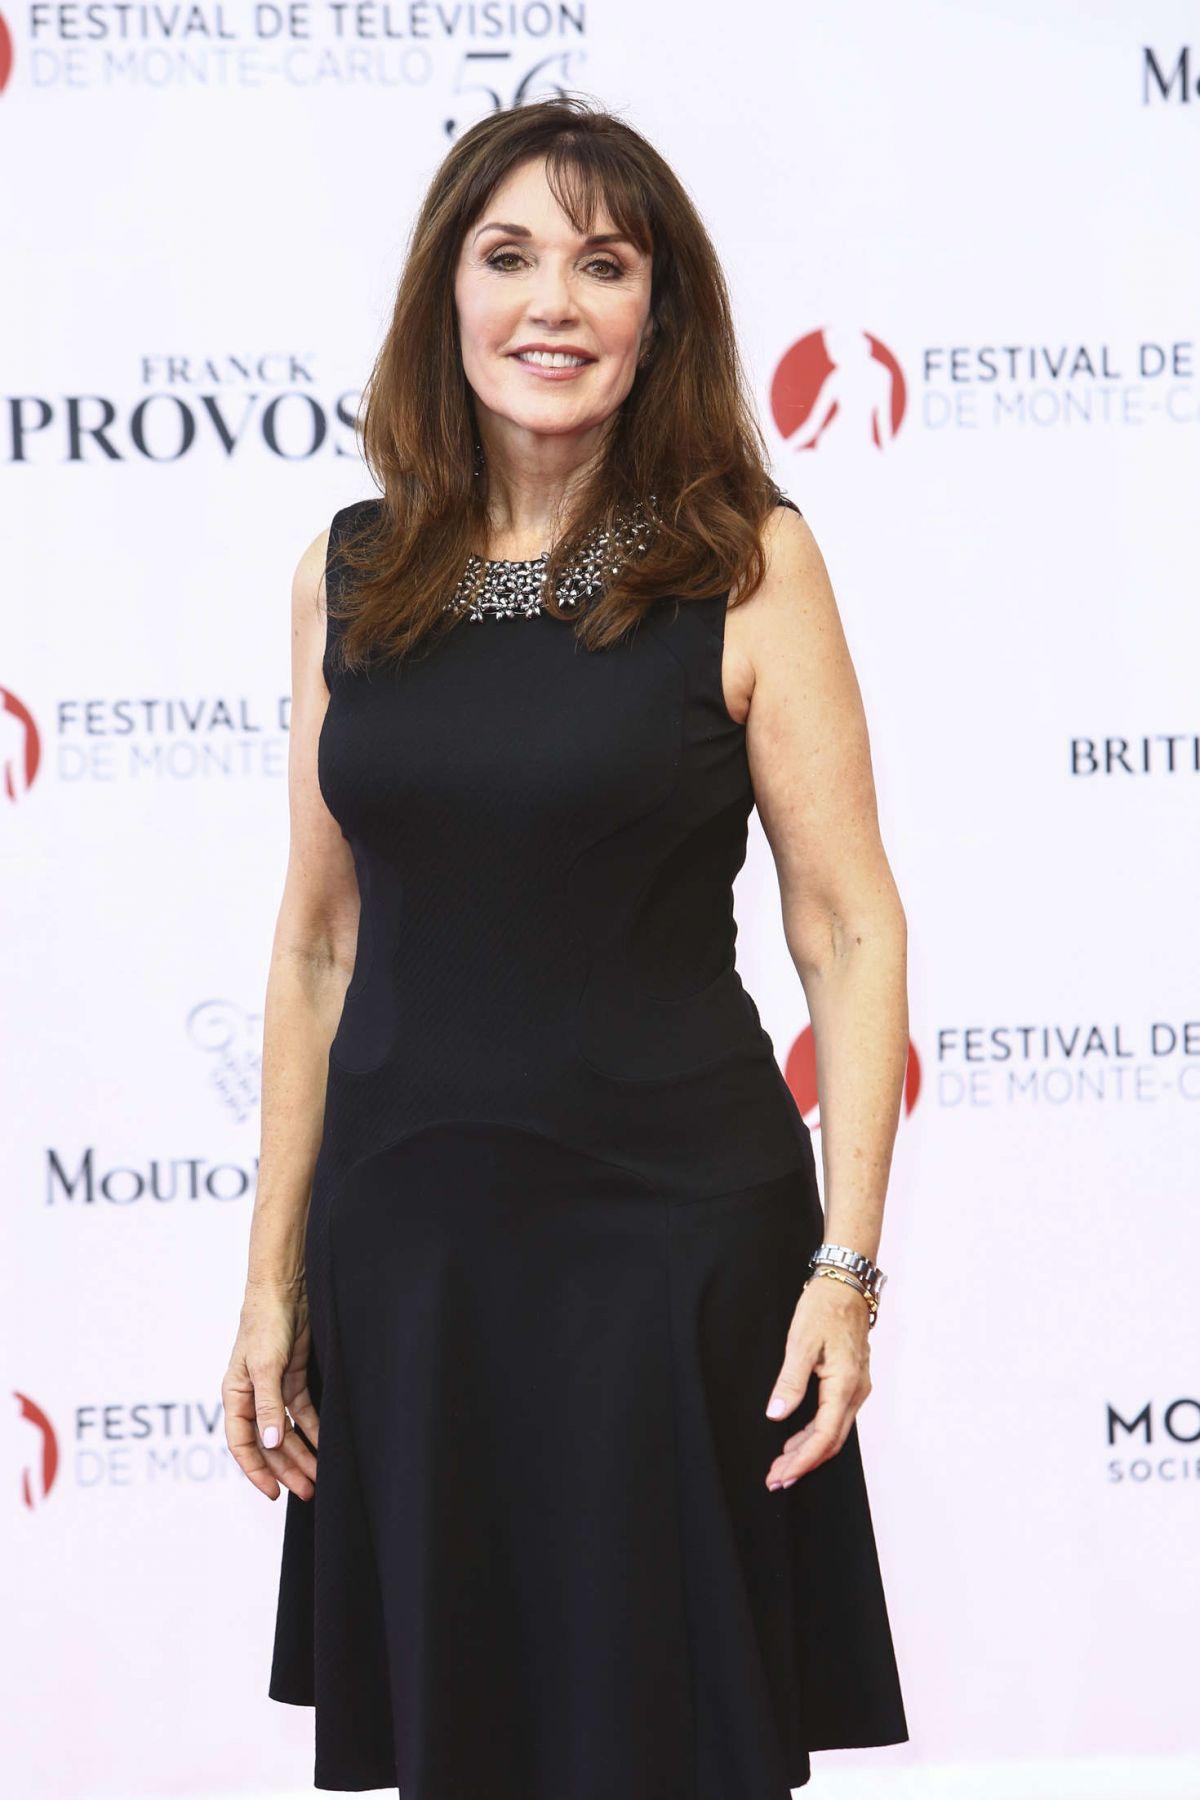 STEPFANIE KRAMER at 56th Monte-Carlo Television Festival in Monaco 06/12/2016